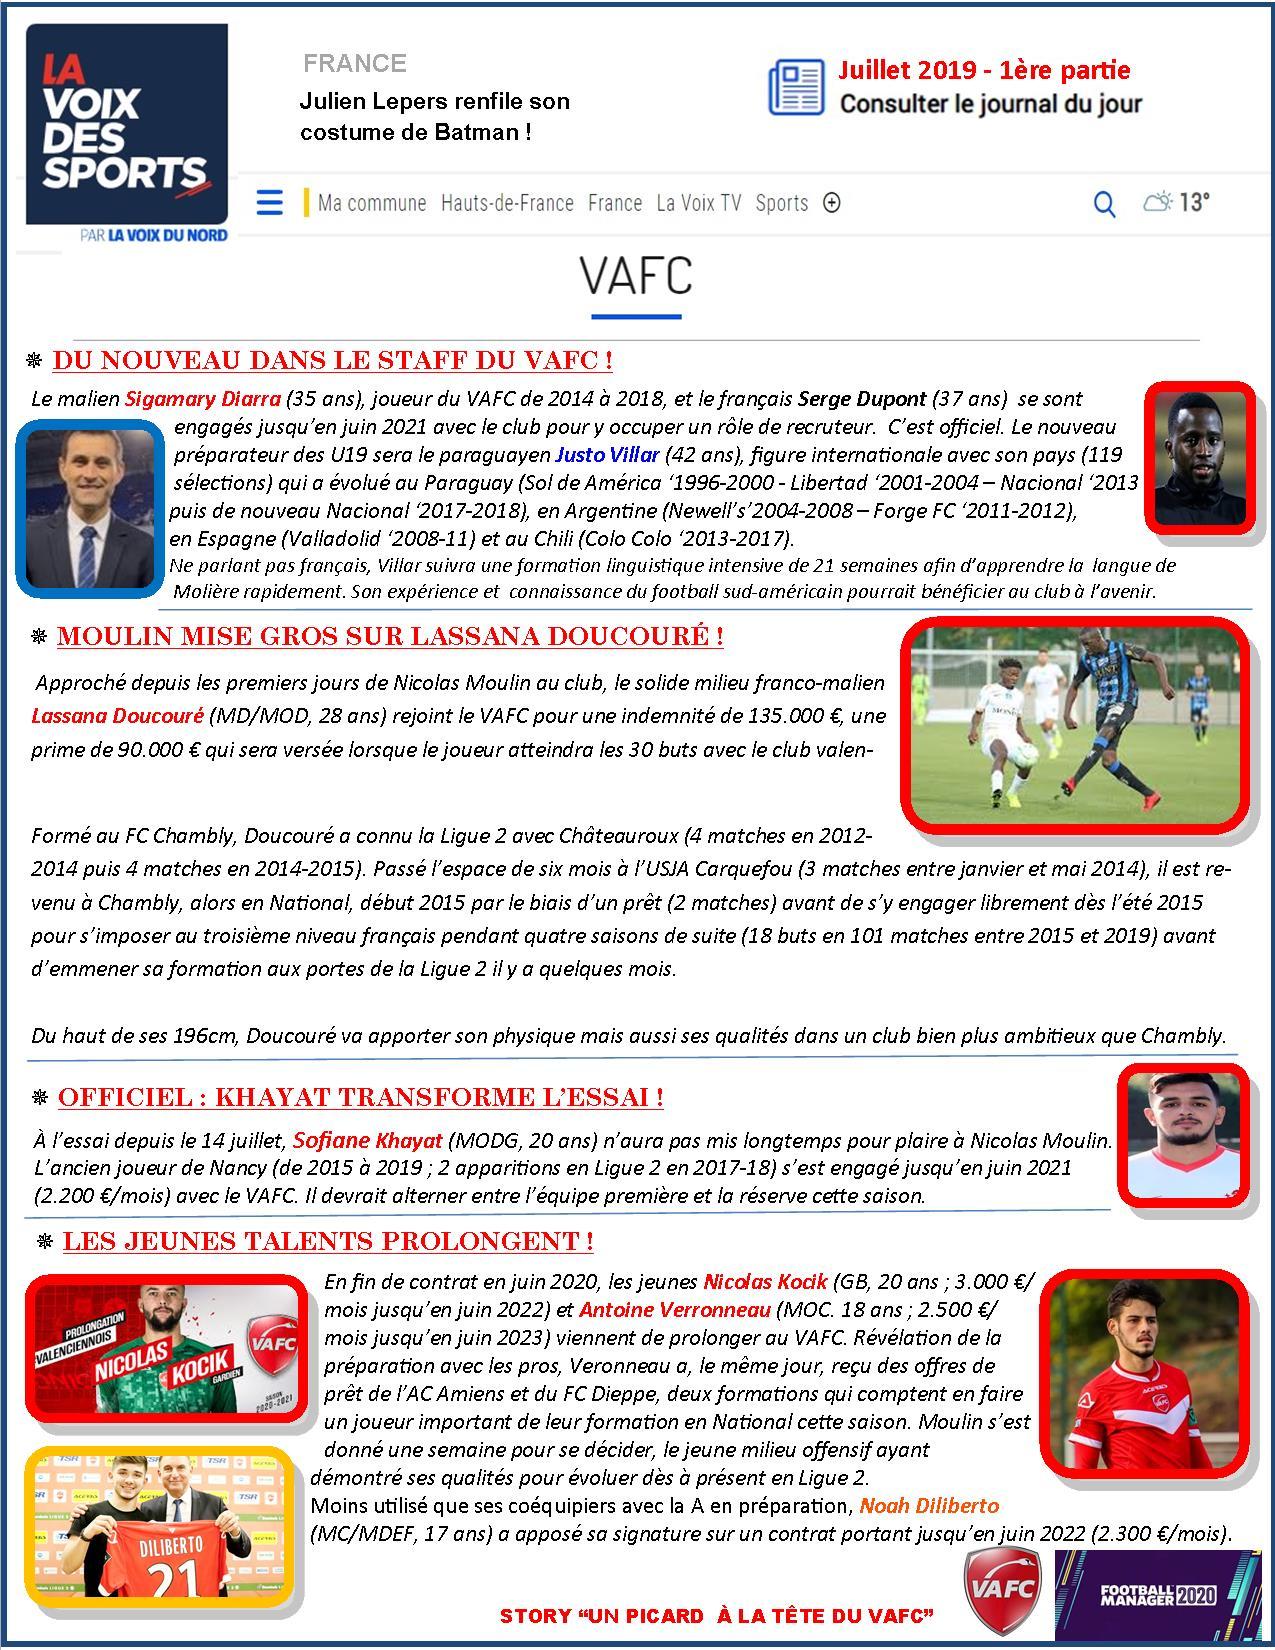 VAFC - 02 - Juillet 2019 - 1ere partie